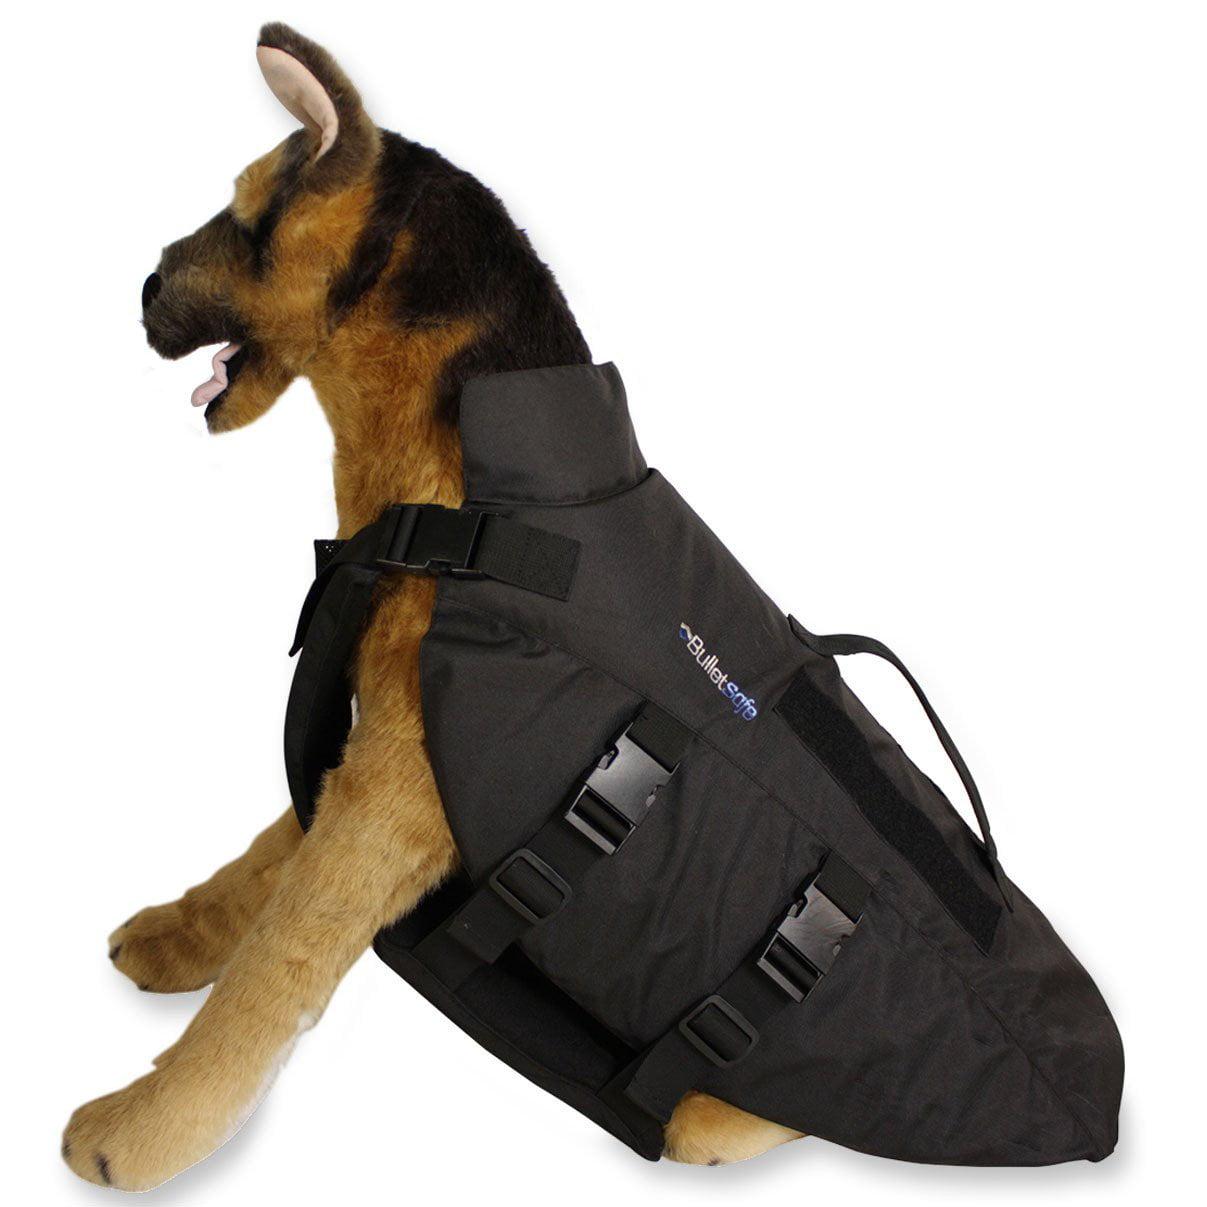 BulletSafe K-9 Bulletproof Vest for Dogs